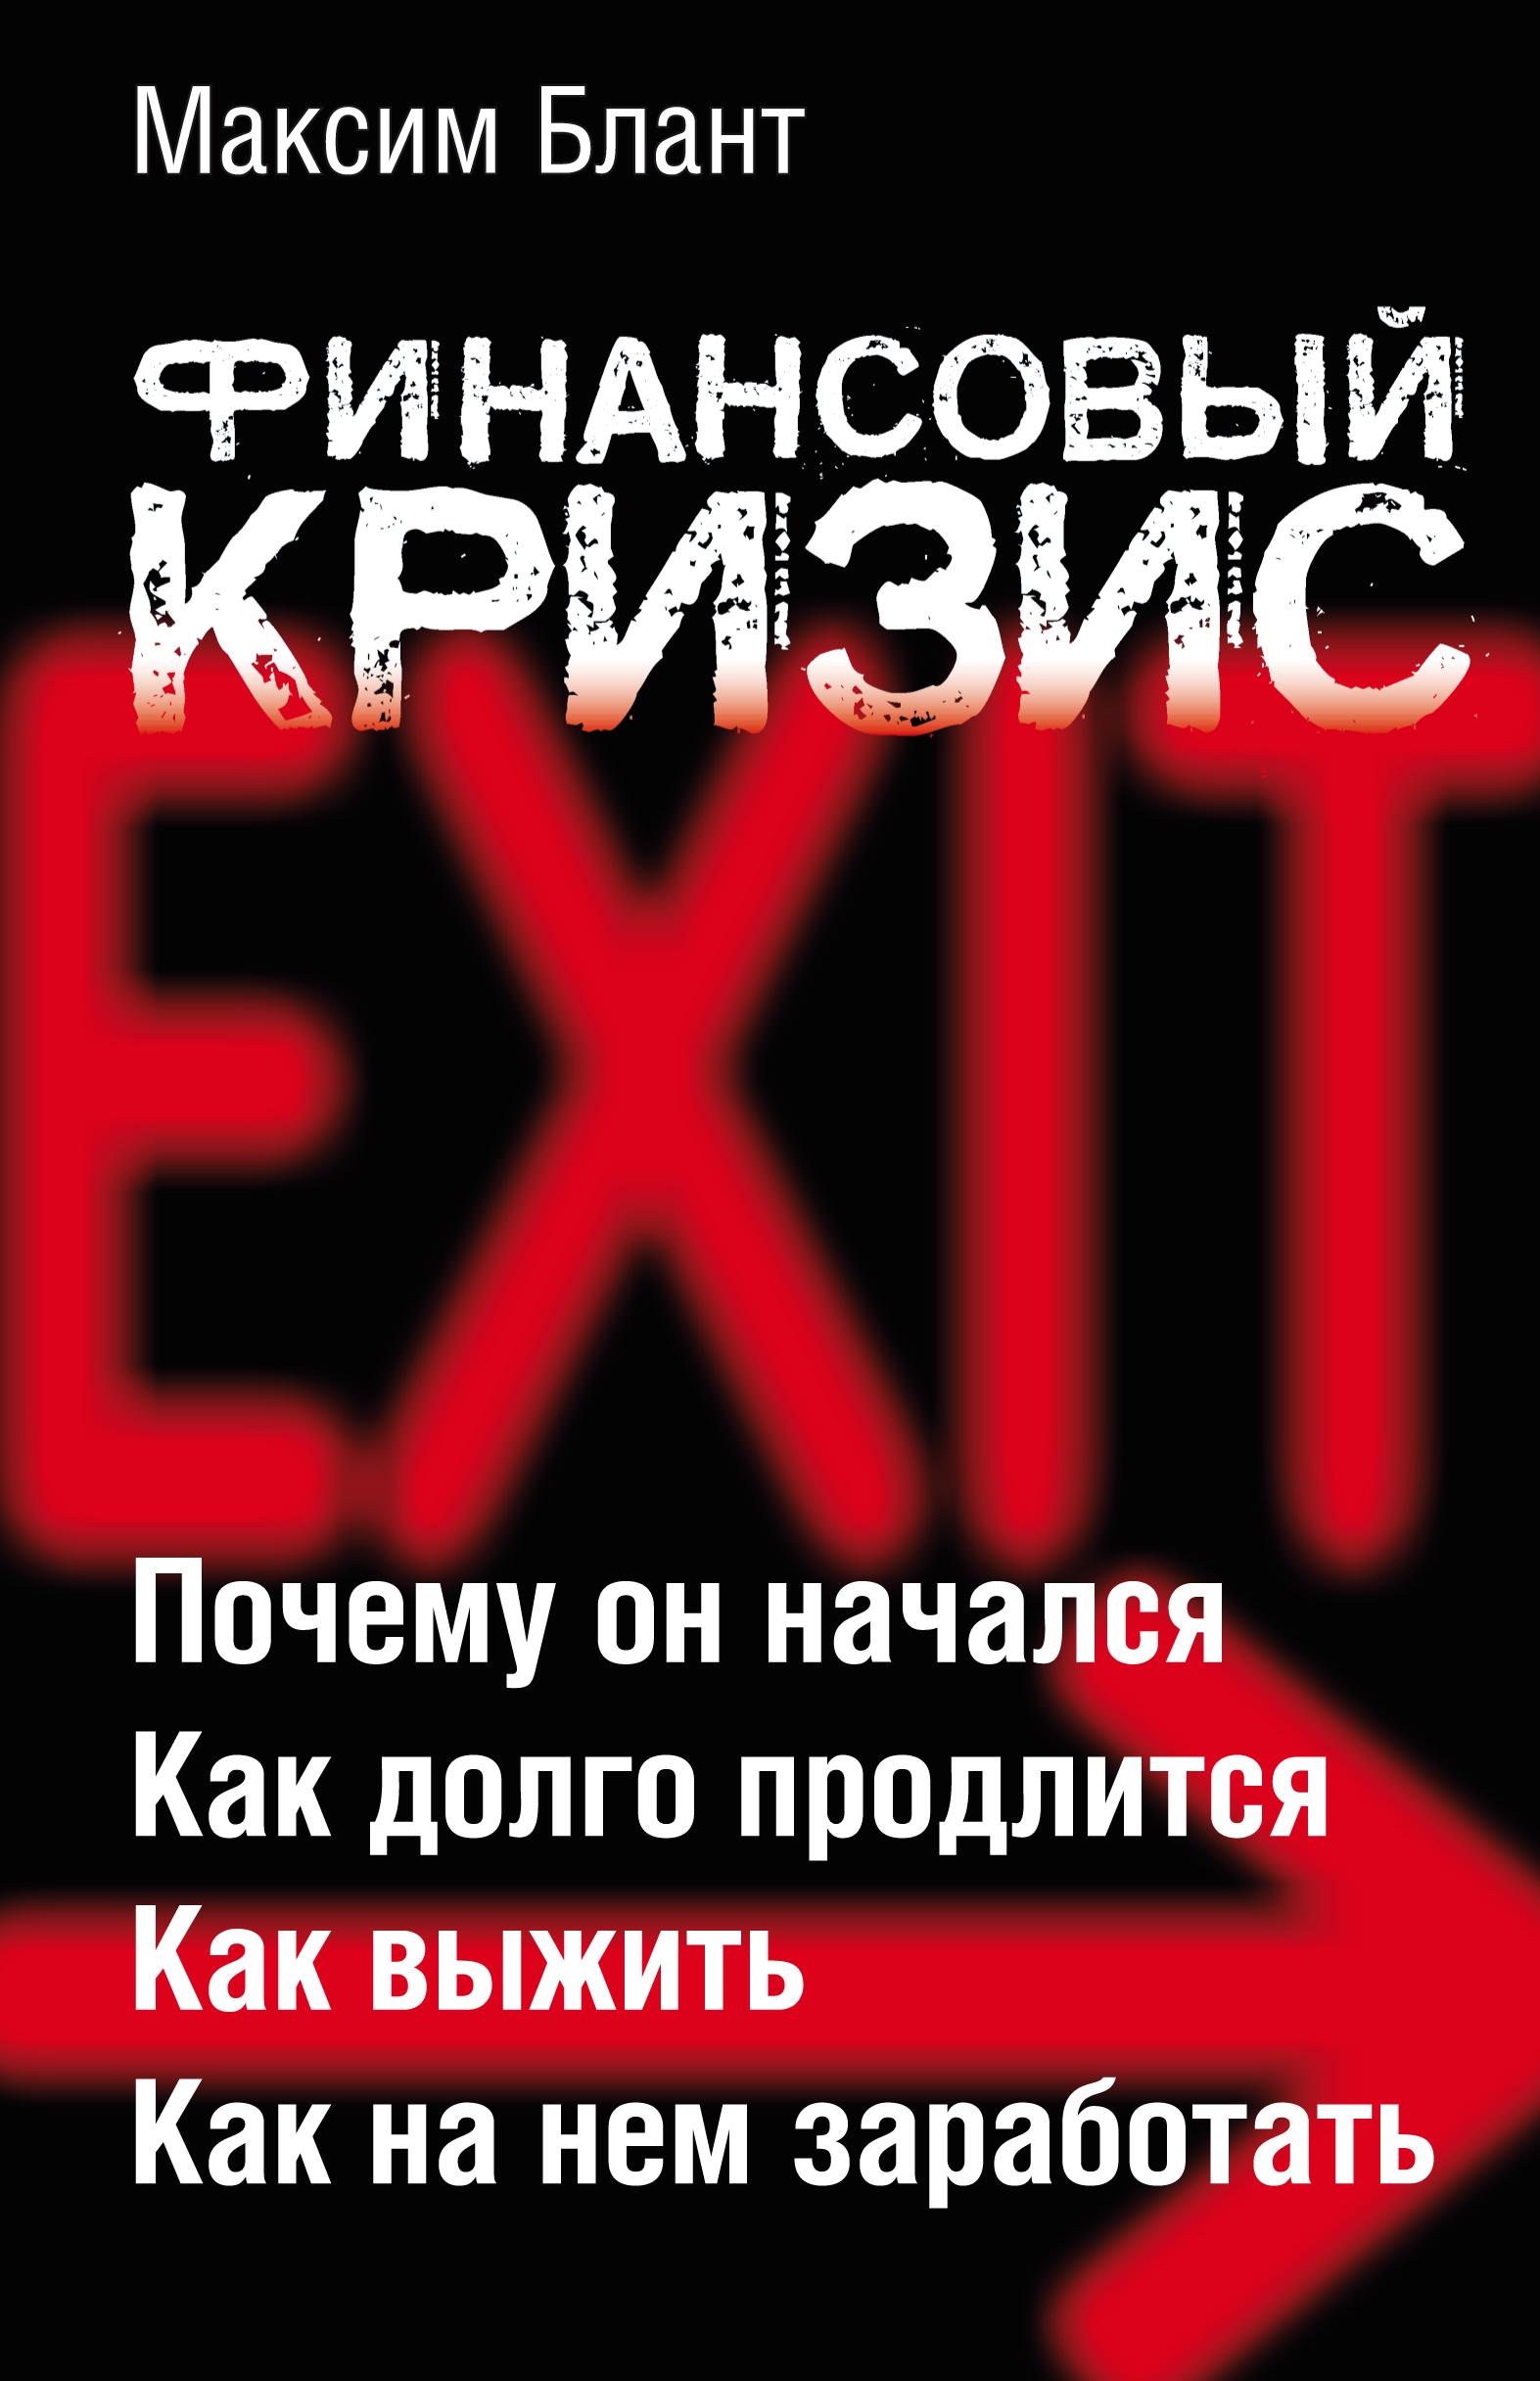 Максим Блант Финансовый кризис катасонов в украинский беспредел и передел экономический и финансовый кризис на украине как глобальная угроза